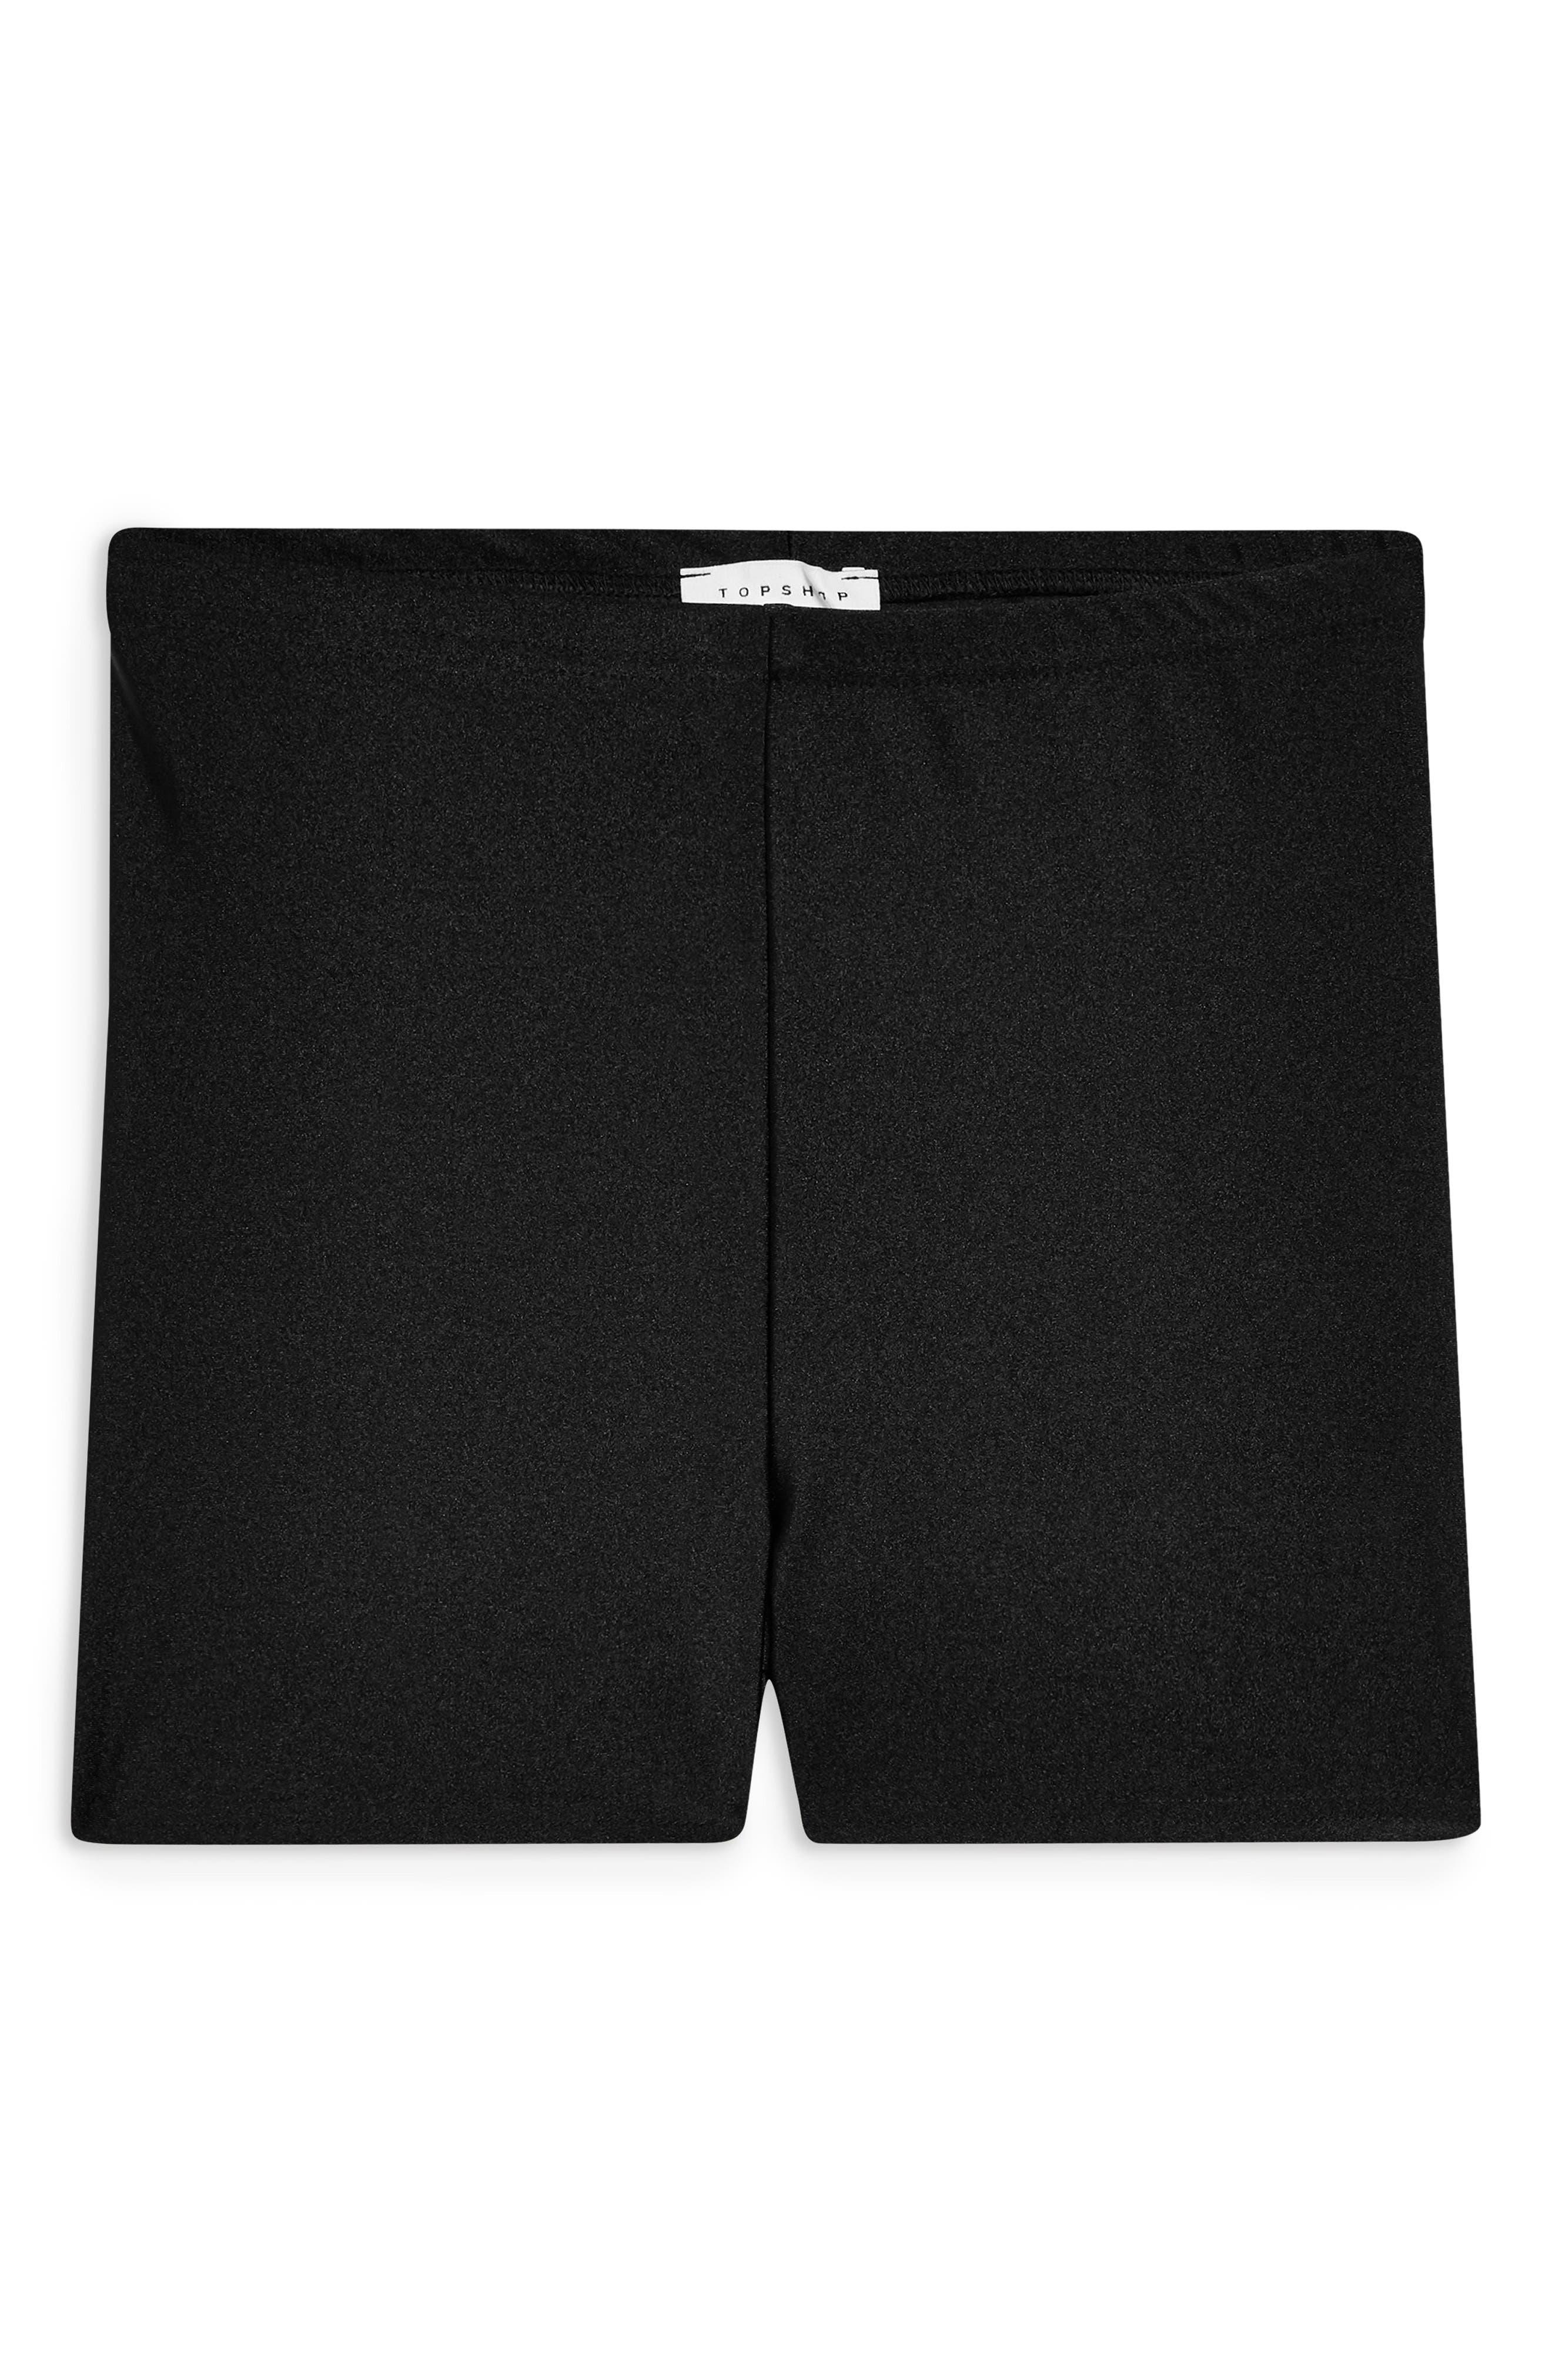 Micro Biker Shorts,                             Alternate thumbnail 3, color,                             BLACK